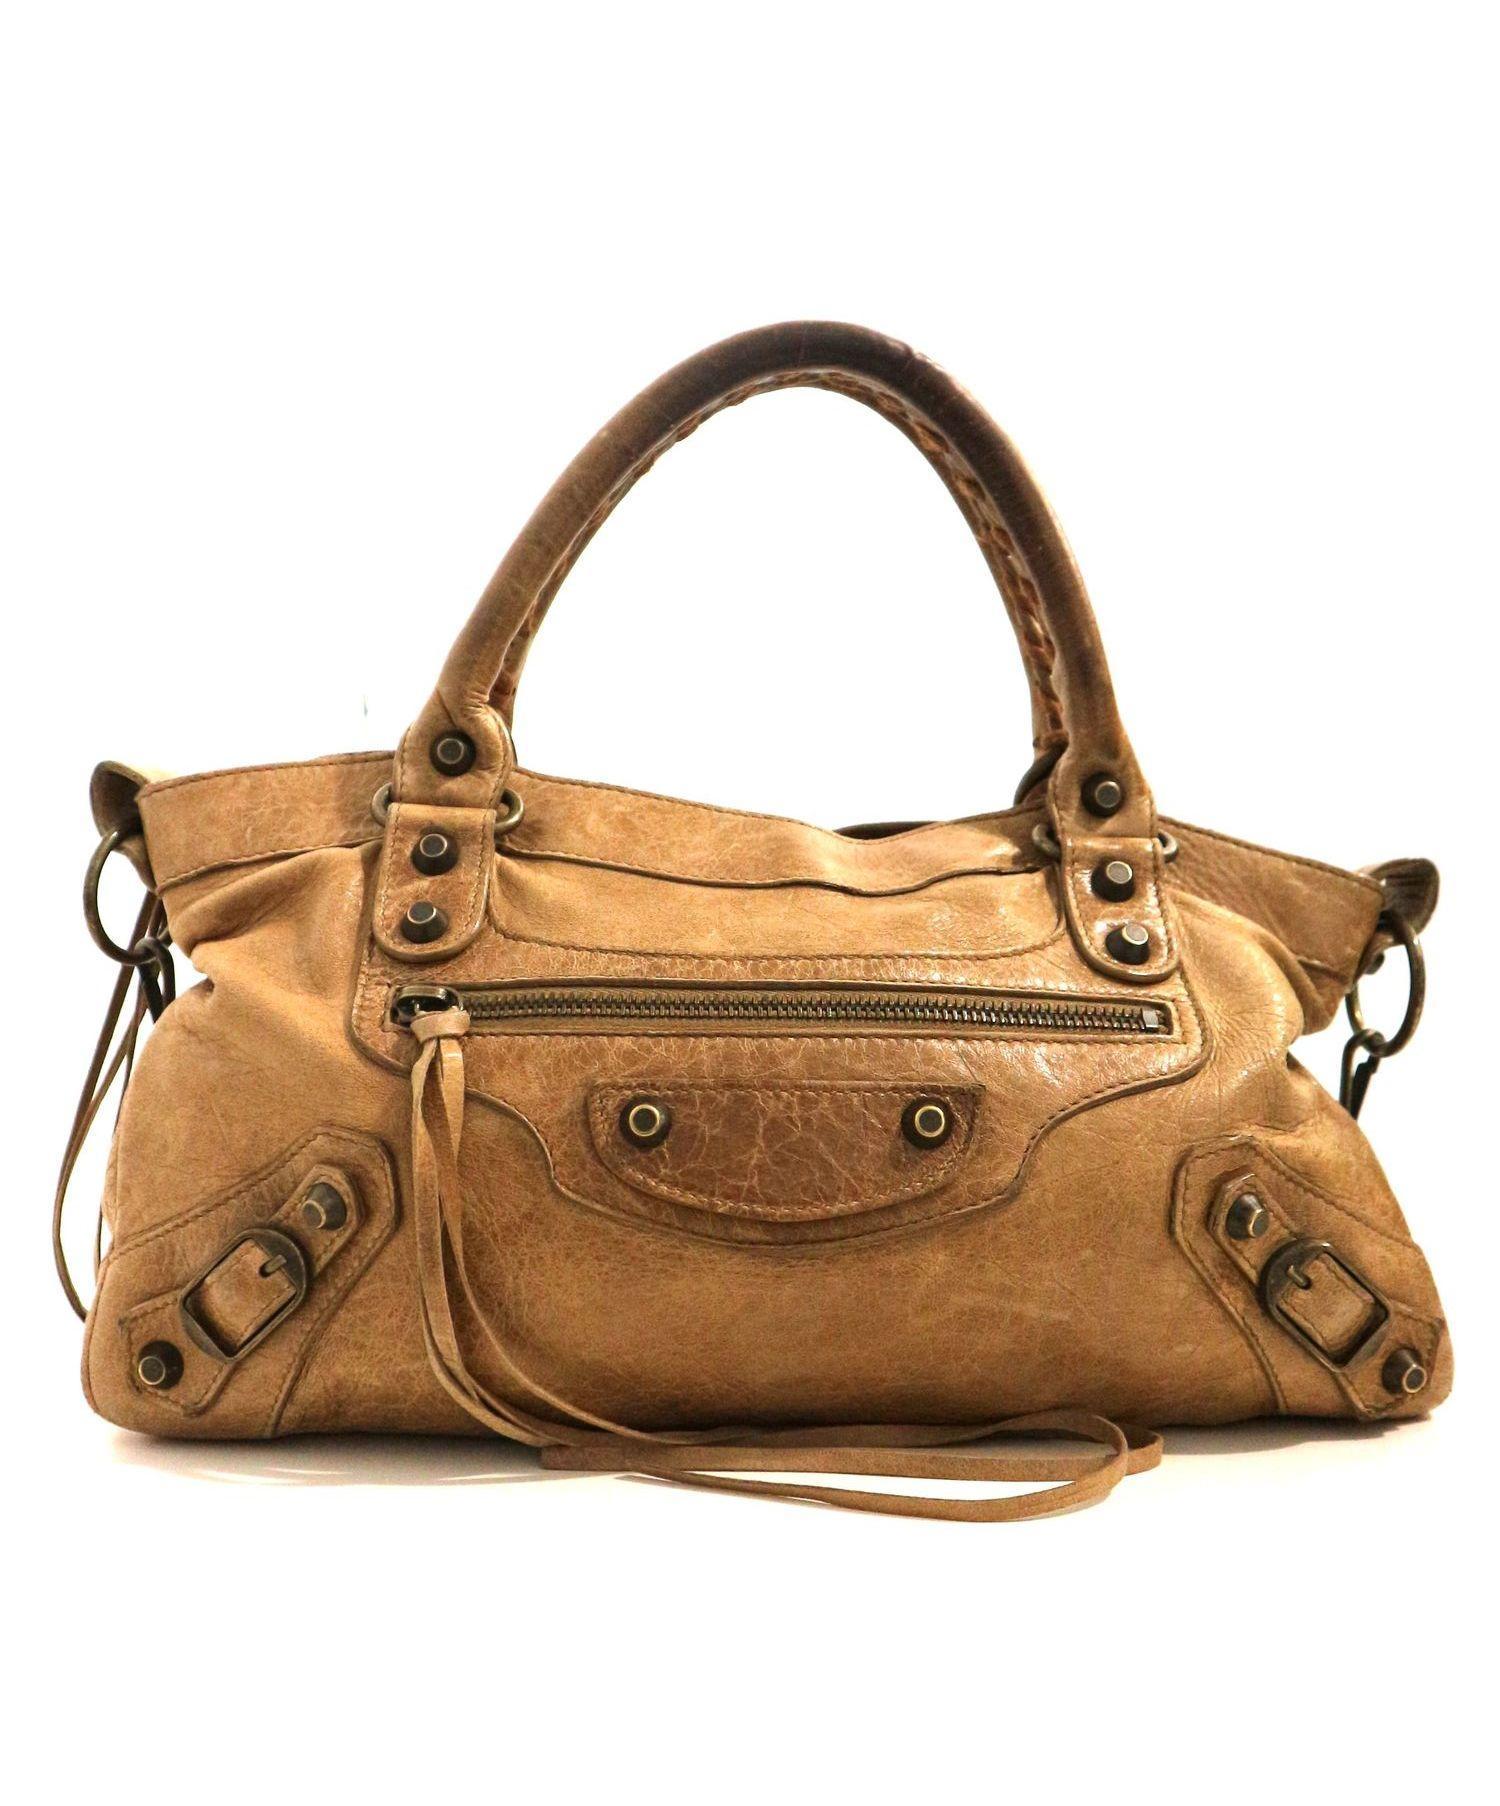 low priced 5e546 ff148 [中古]BALENCIAGA(バレンシアガ)のレディース バッグ エディターズバッグ